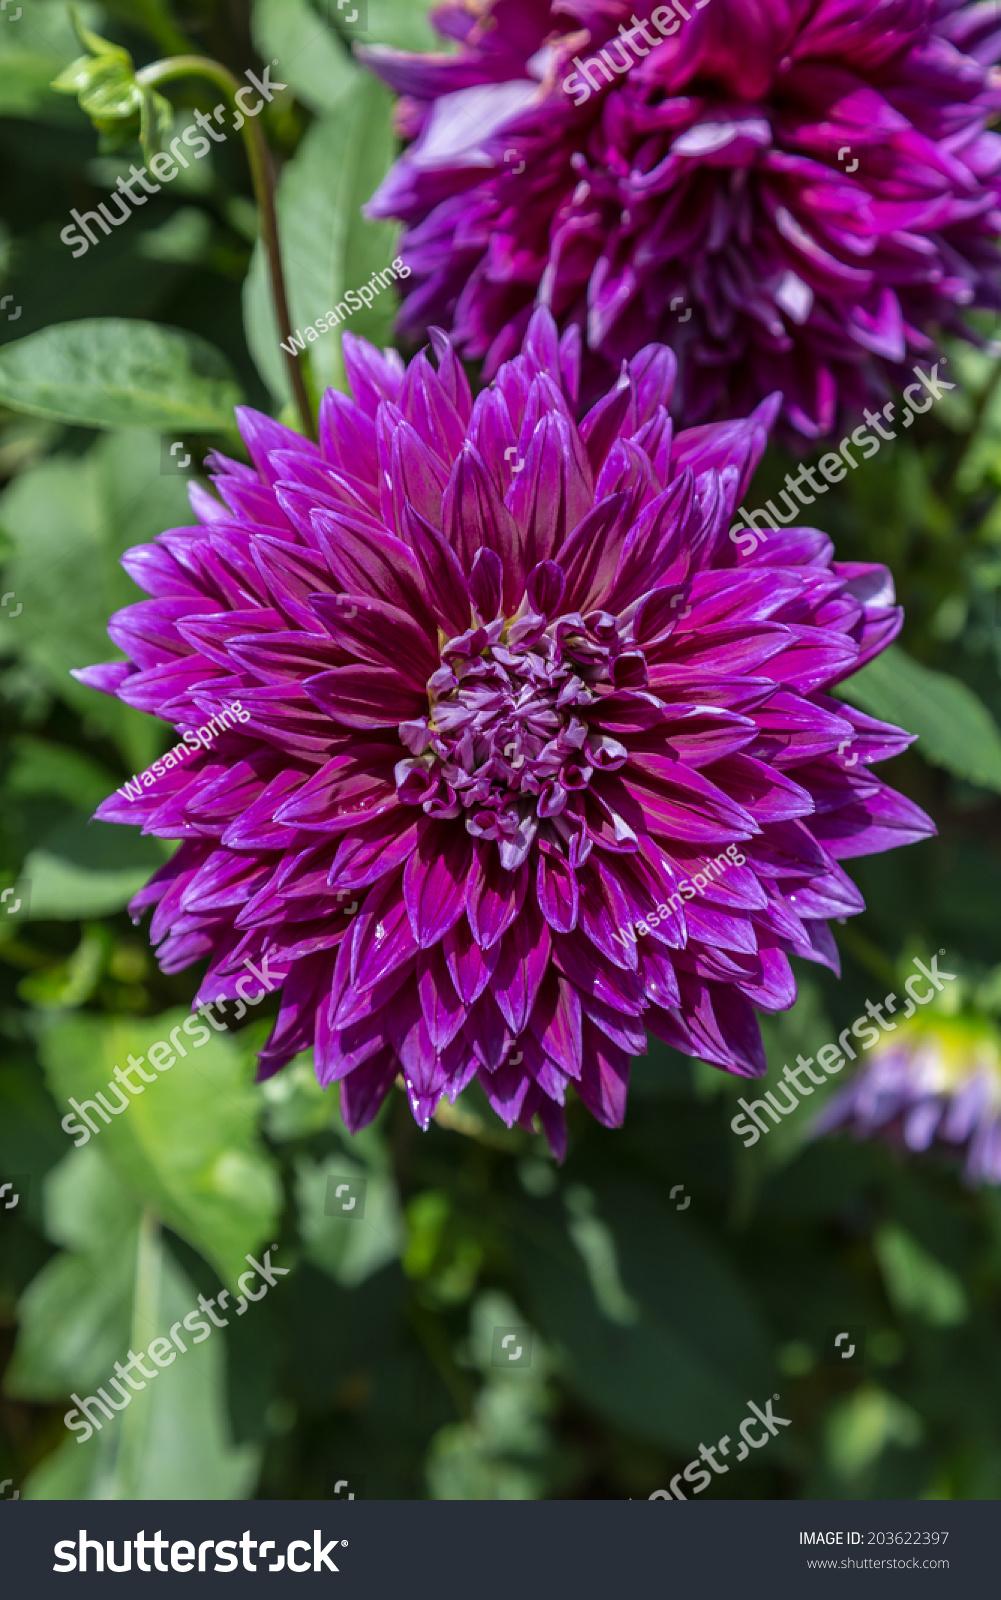 Purple dahlia flowers ez canvas id 203622397 izmirmasajfo